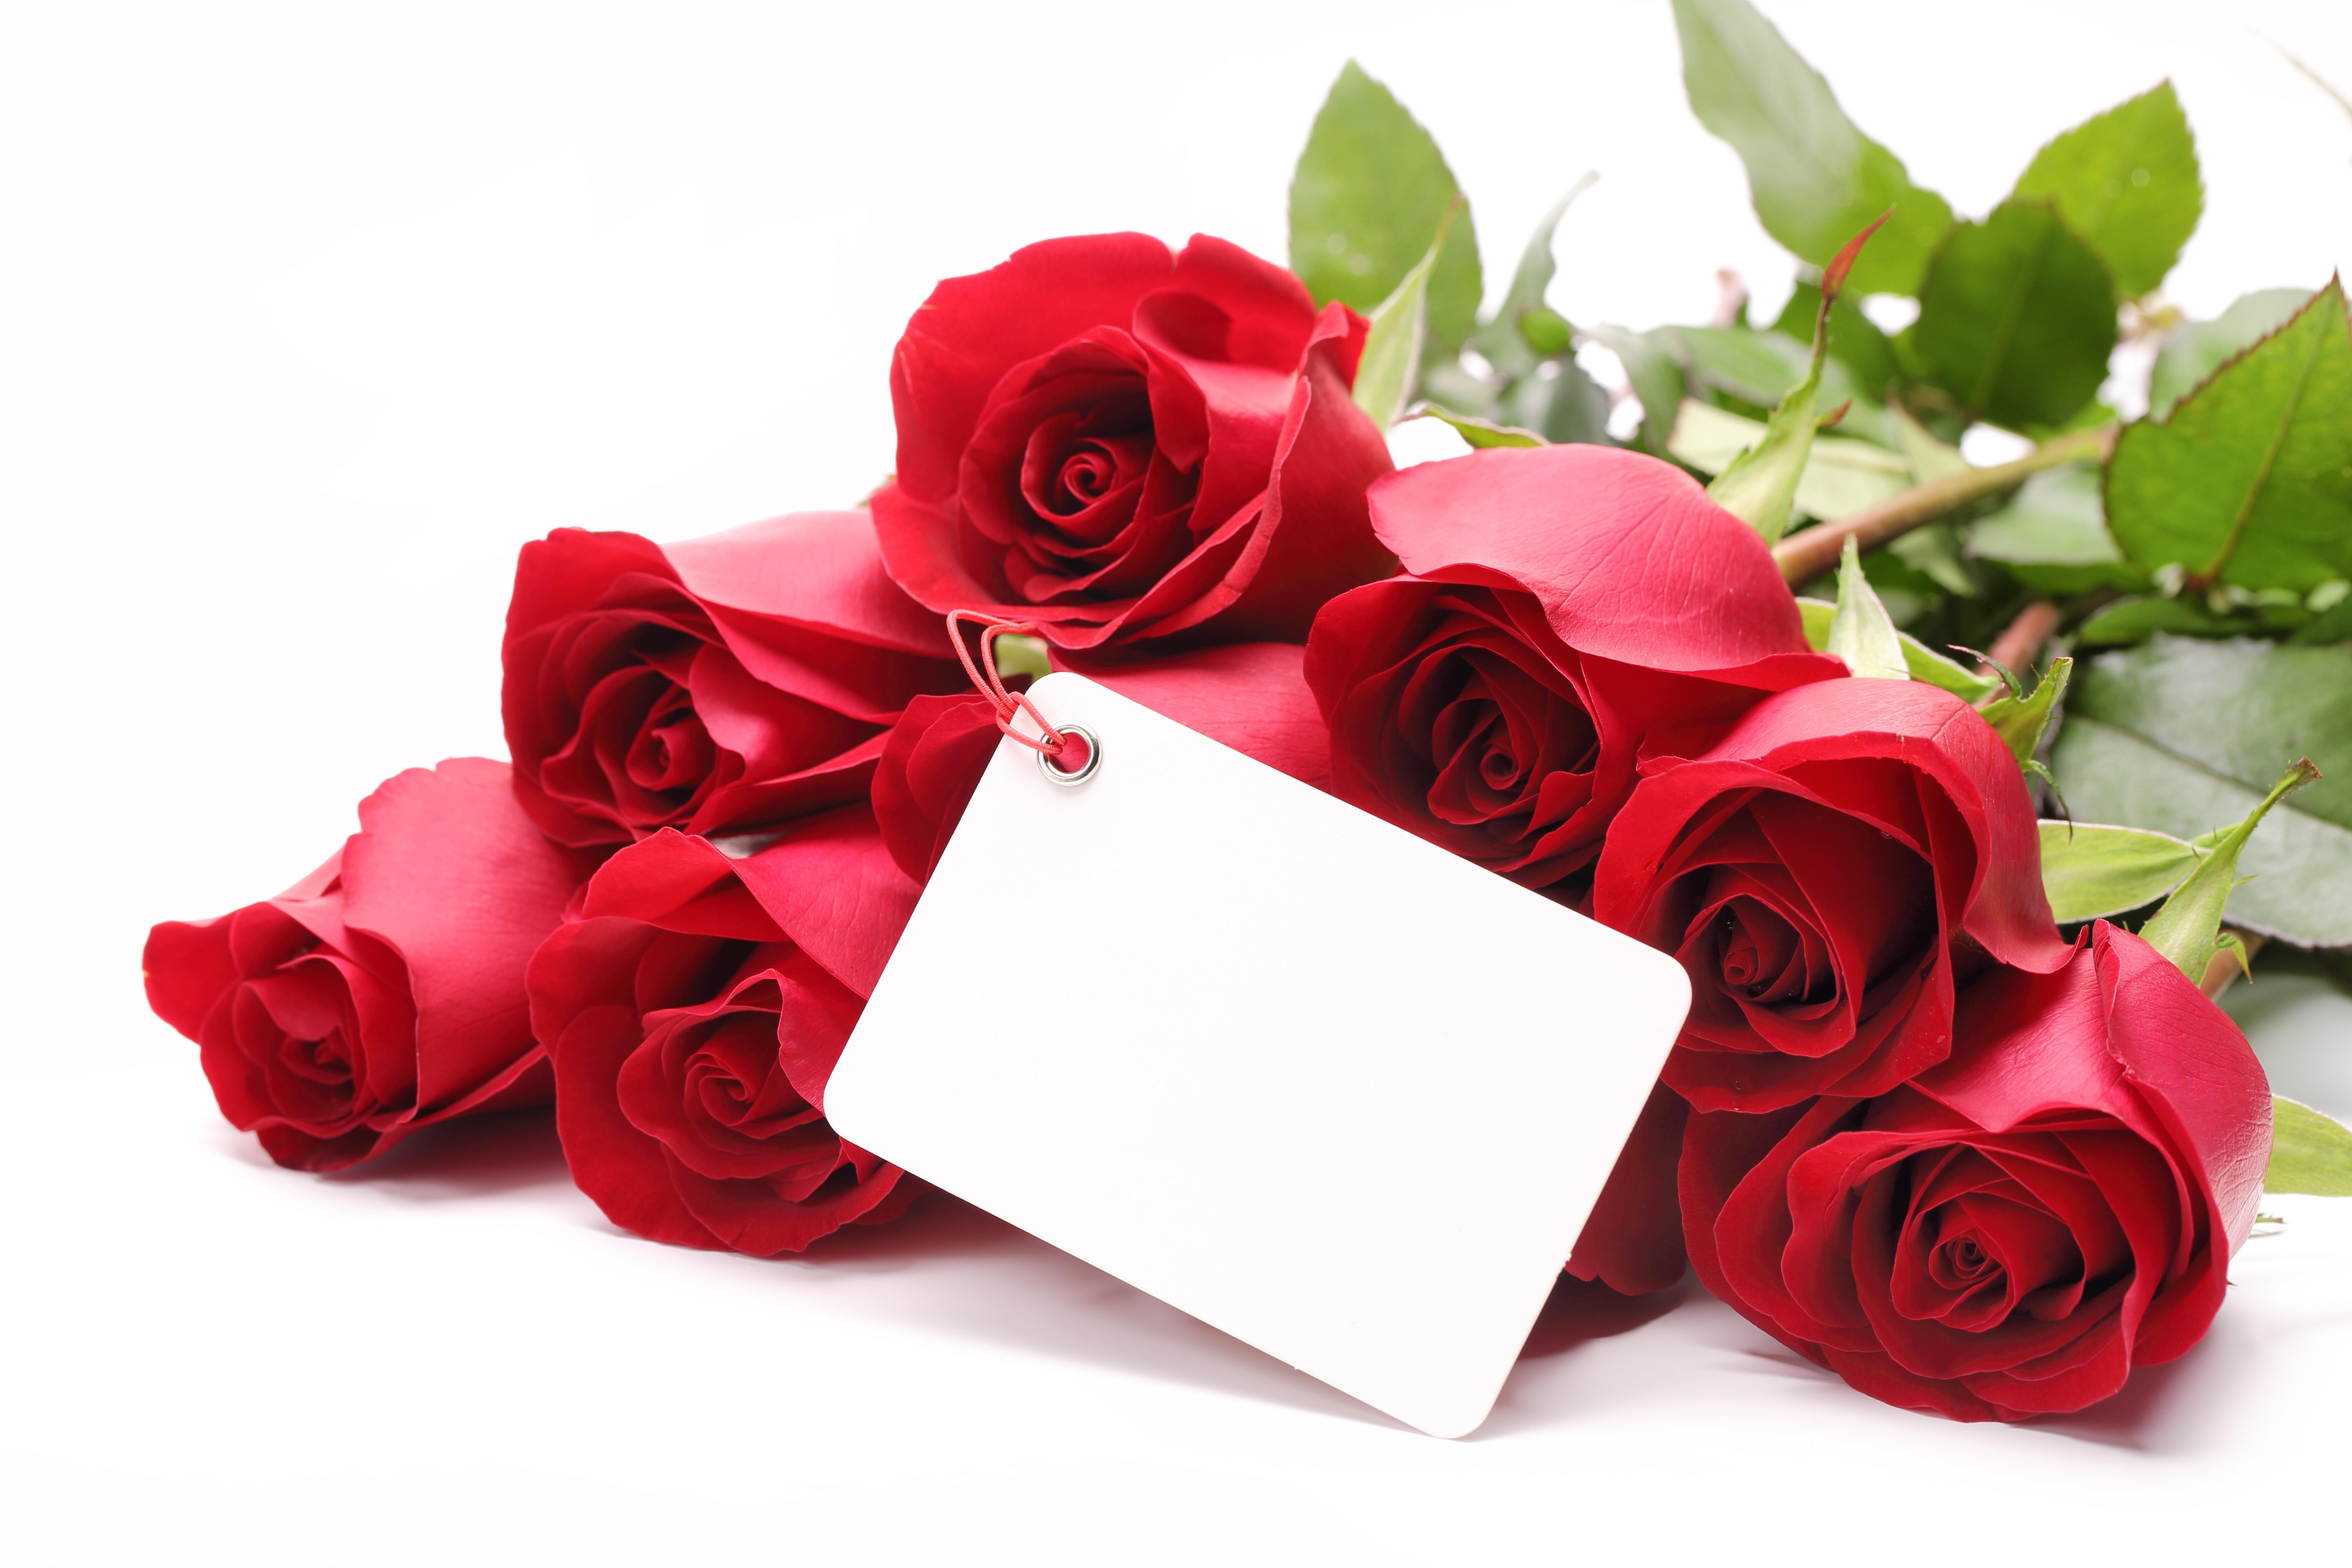 Победой спортивных, цветок роза на поздравительной открытке